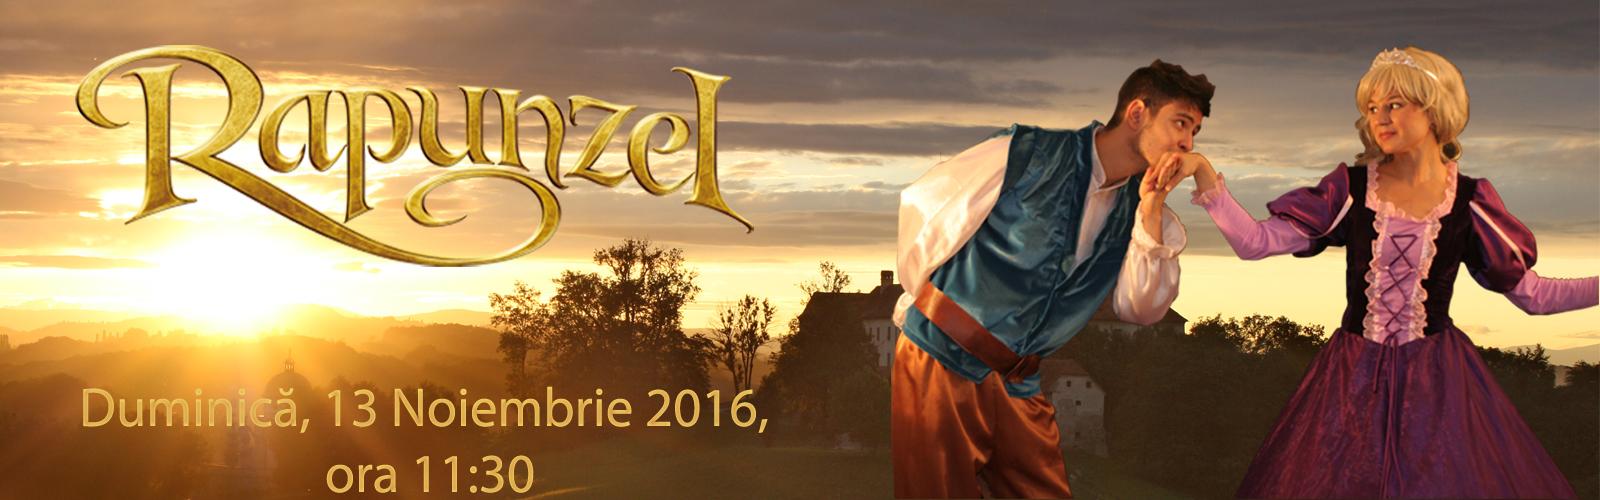 banner_rapunzel-plaza